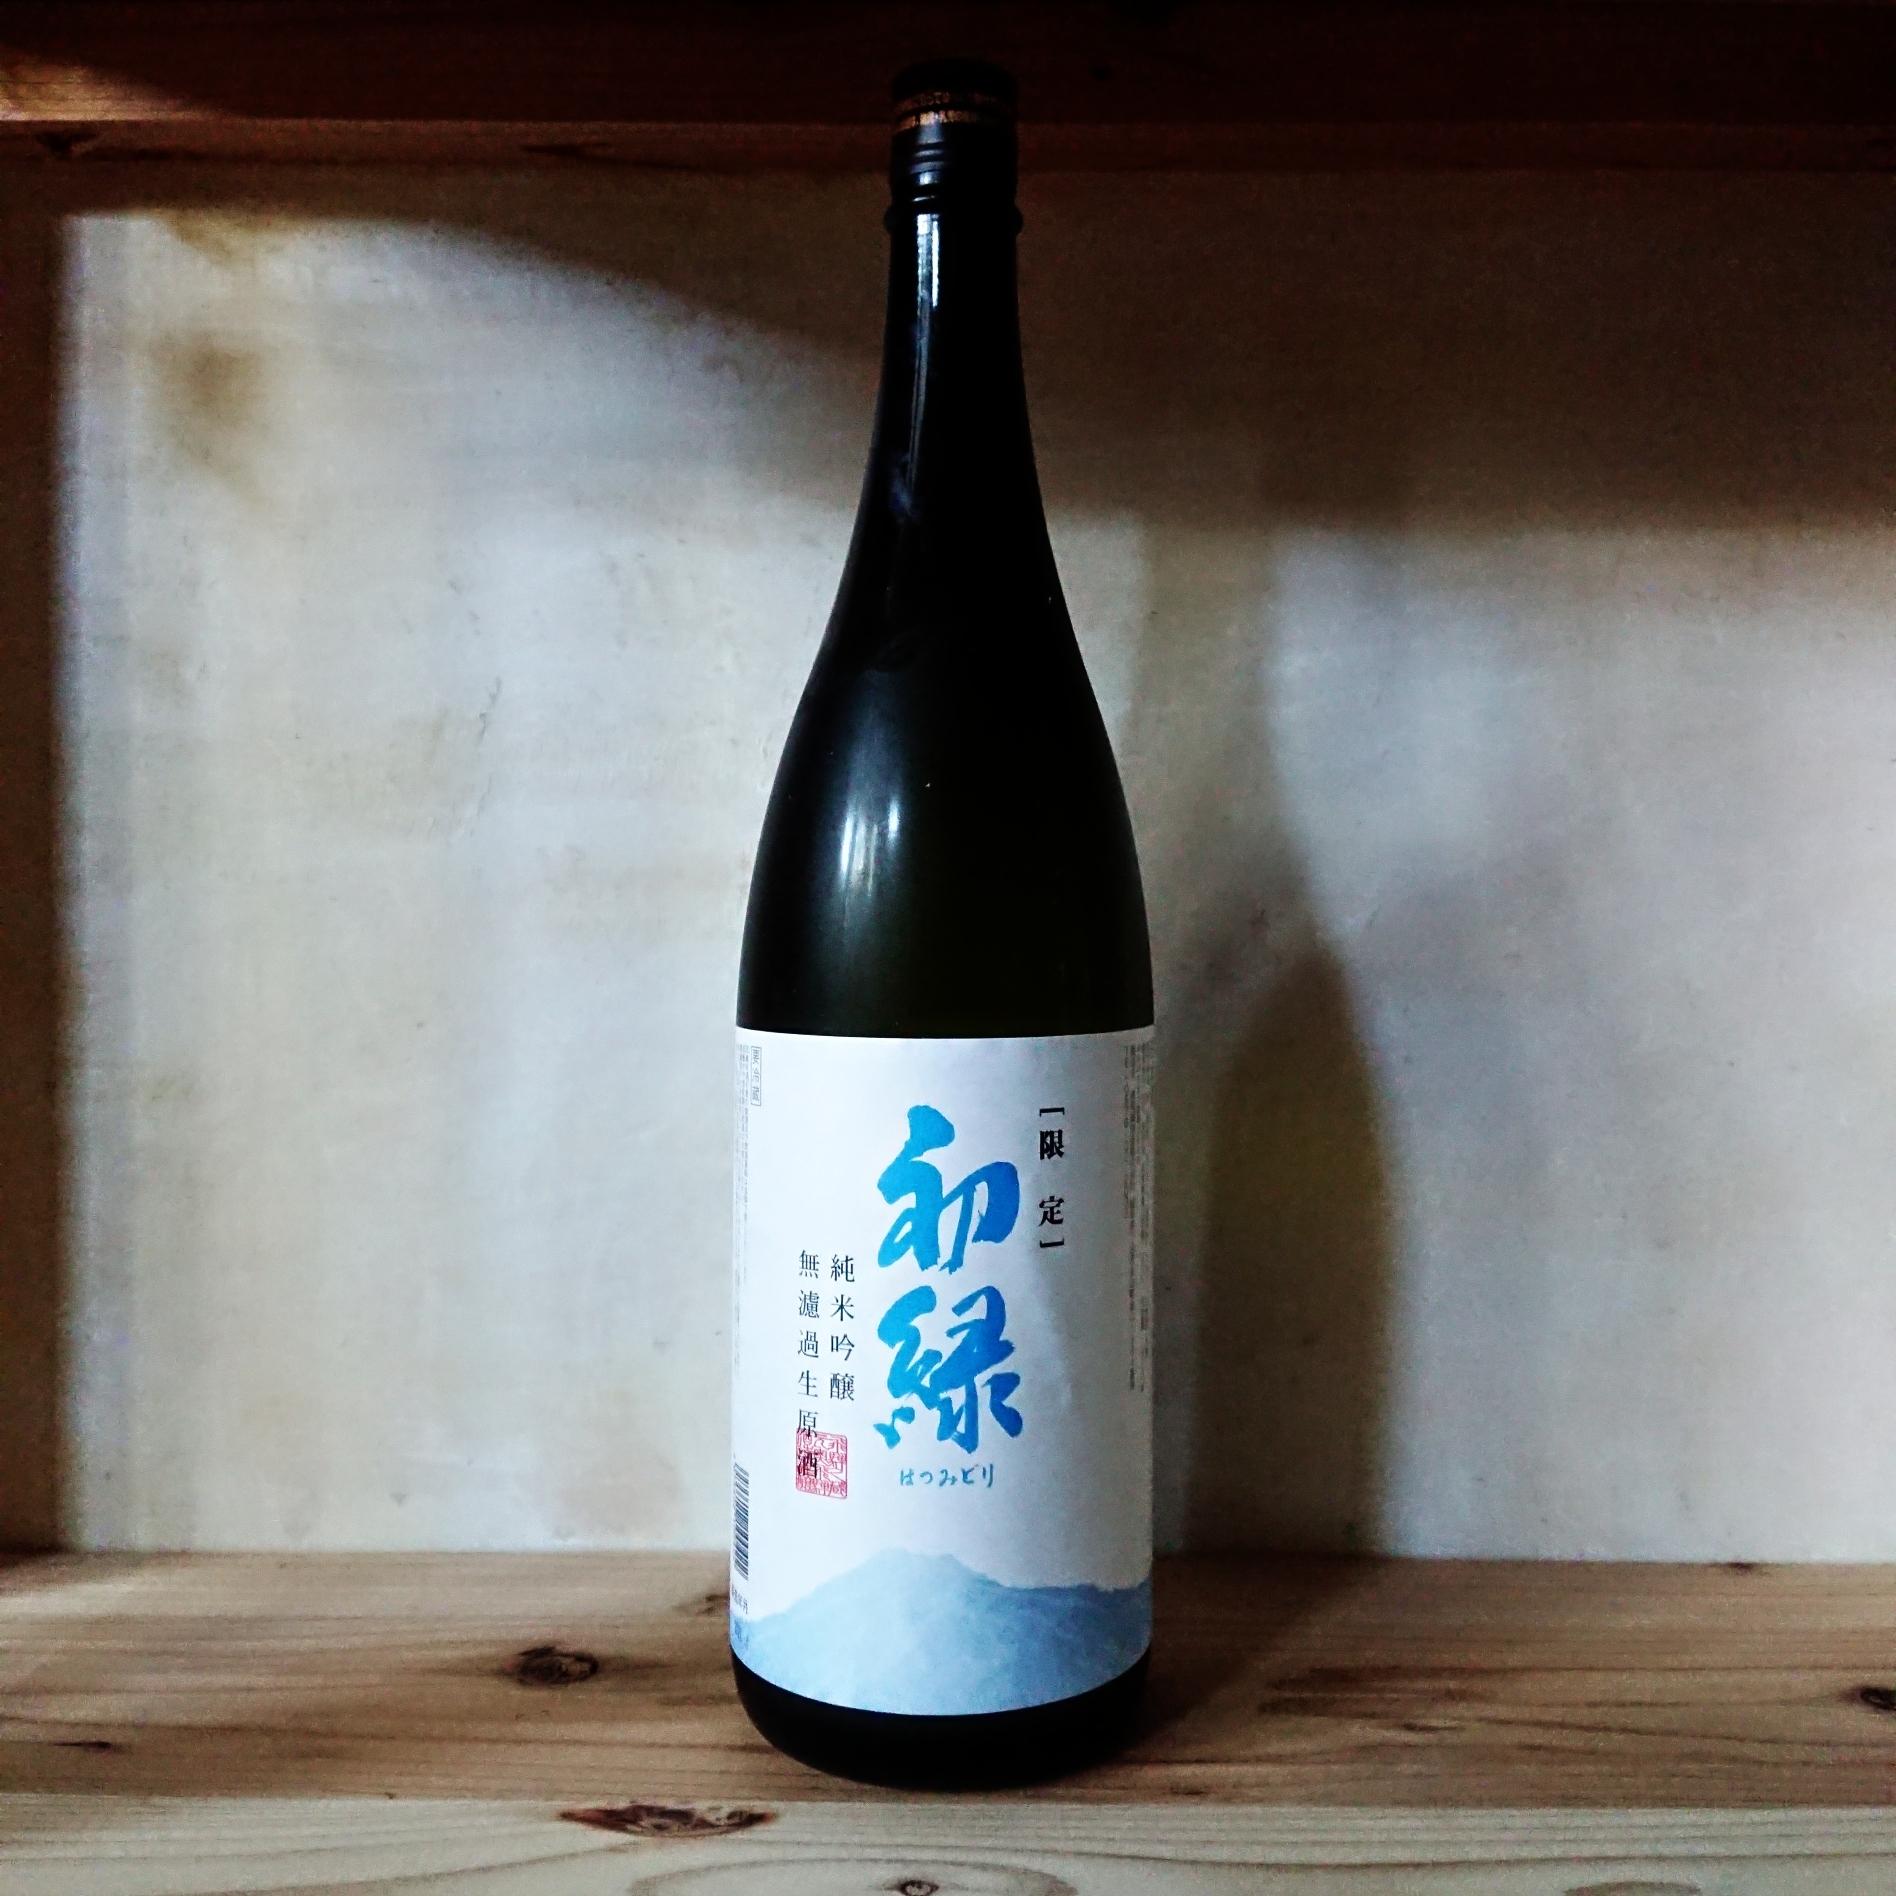 初緑 純米吟醸 限定醸造生原酒 720ml